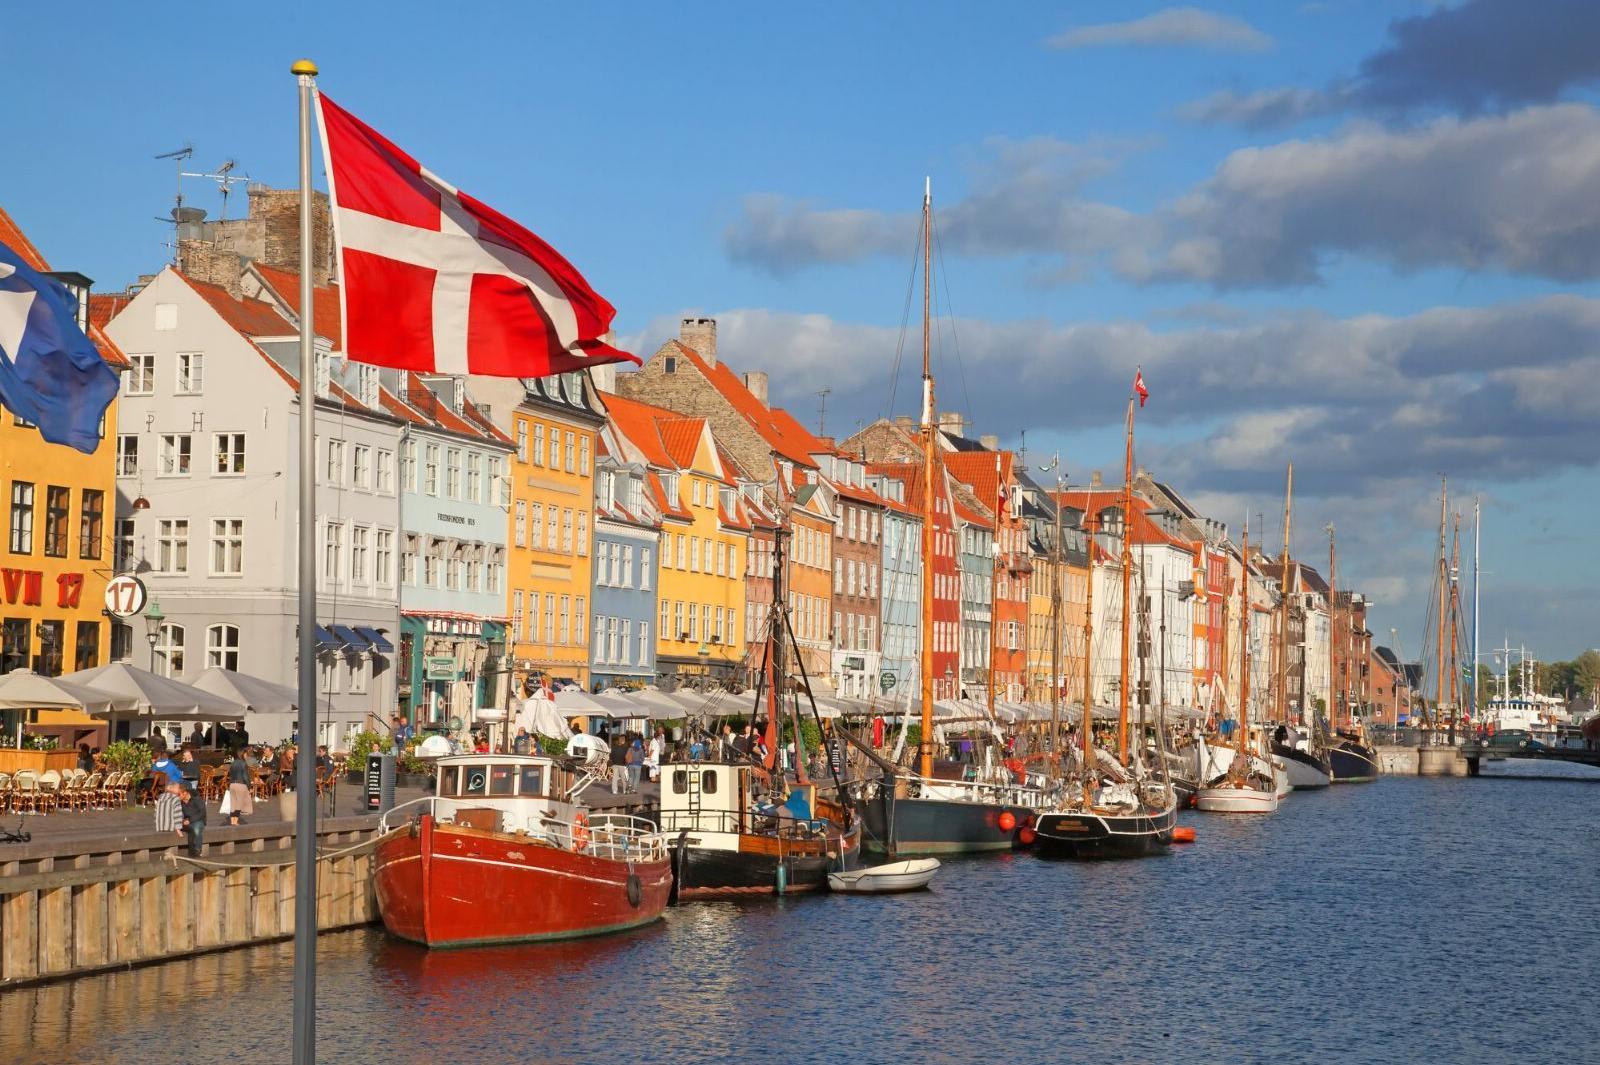 Дания картинки фото города, доброго